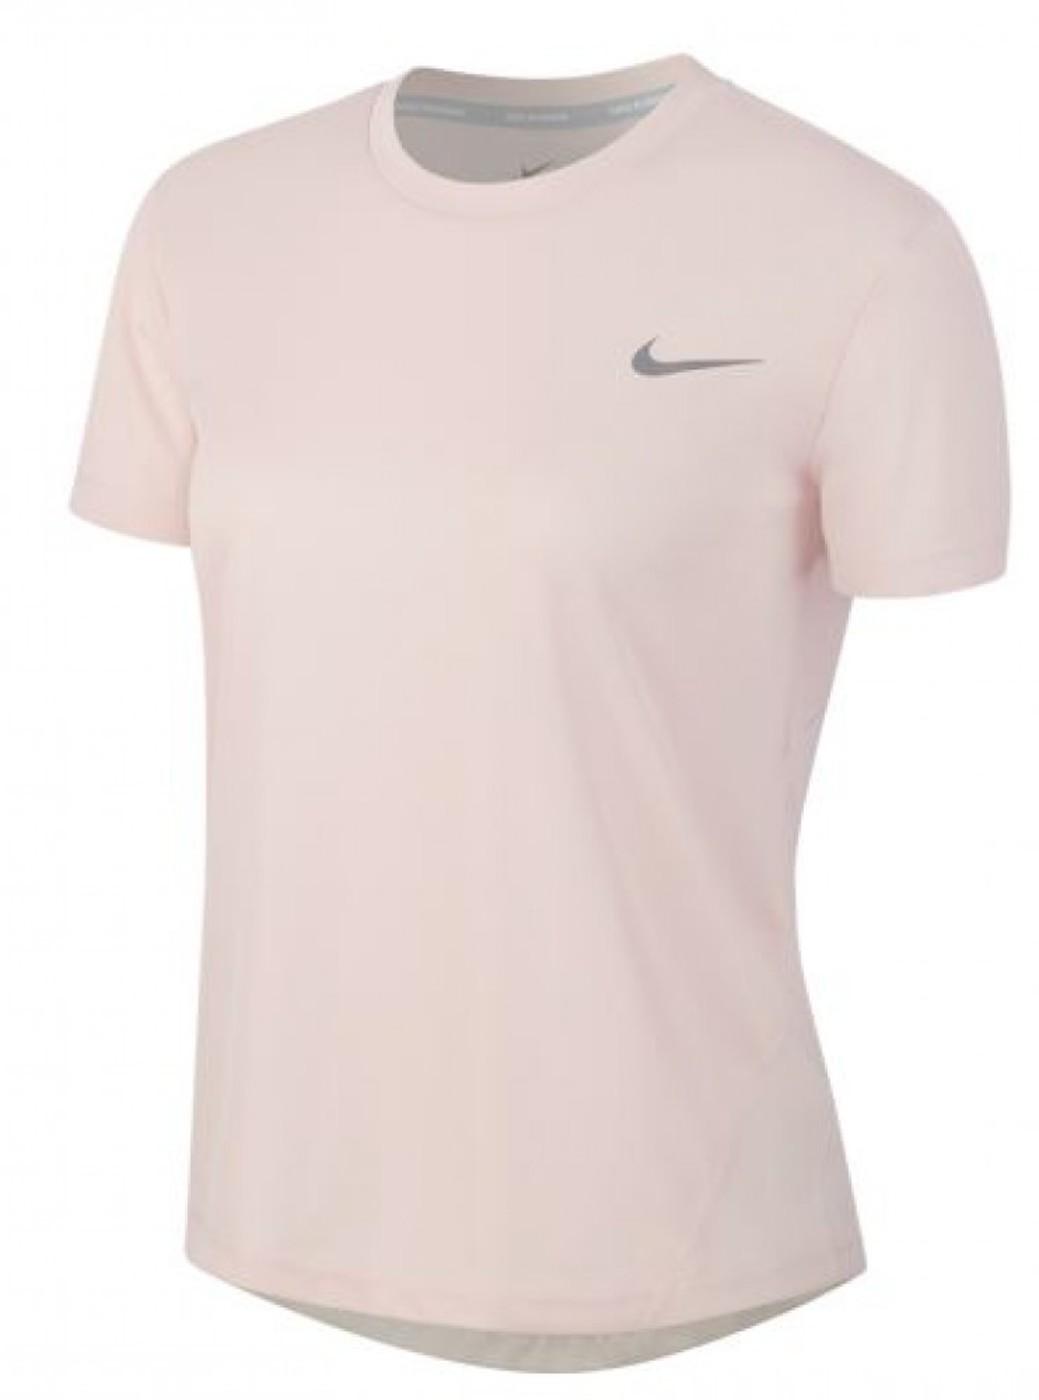 Nike Miler Short-Sleev - Damen